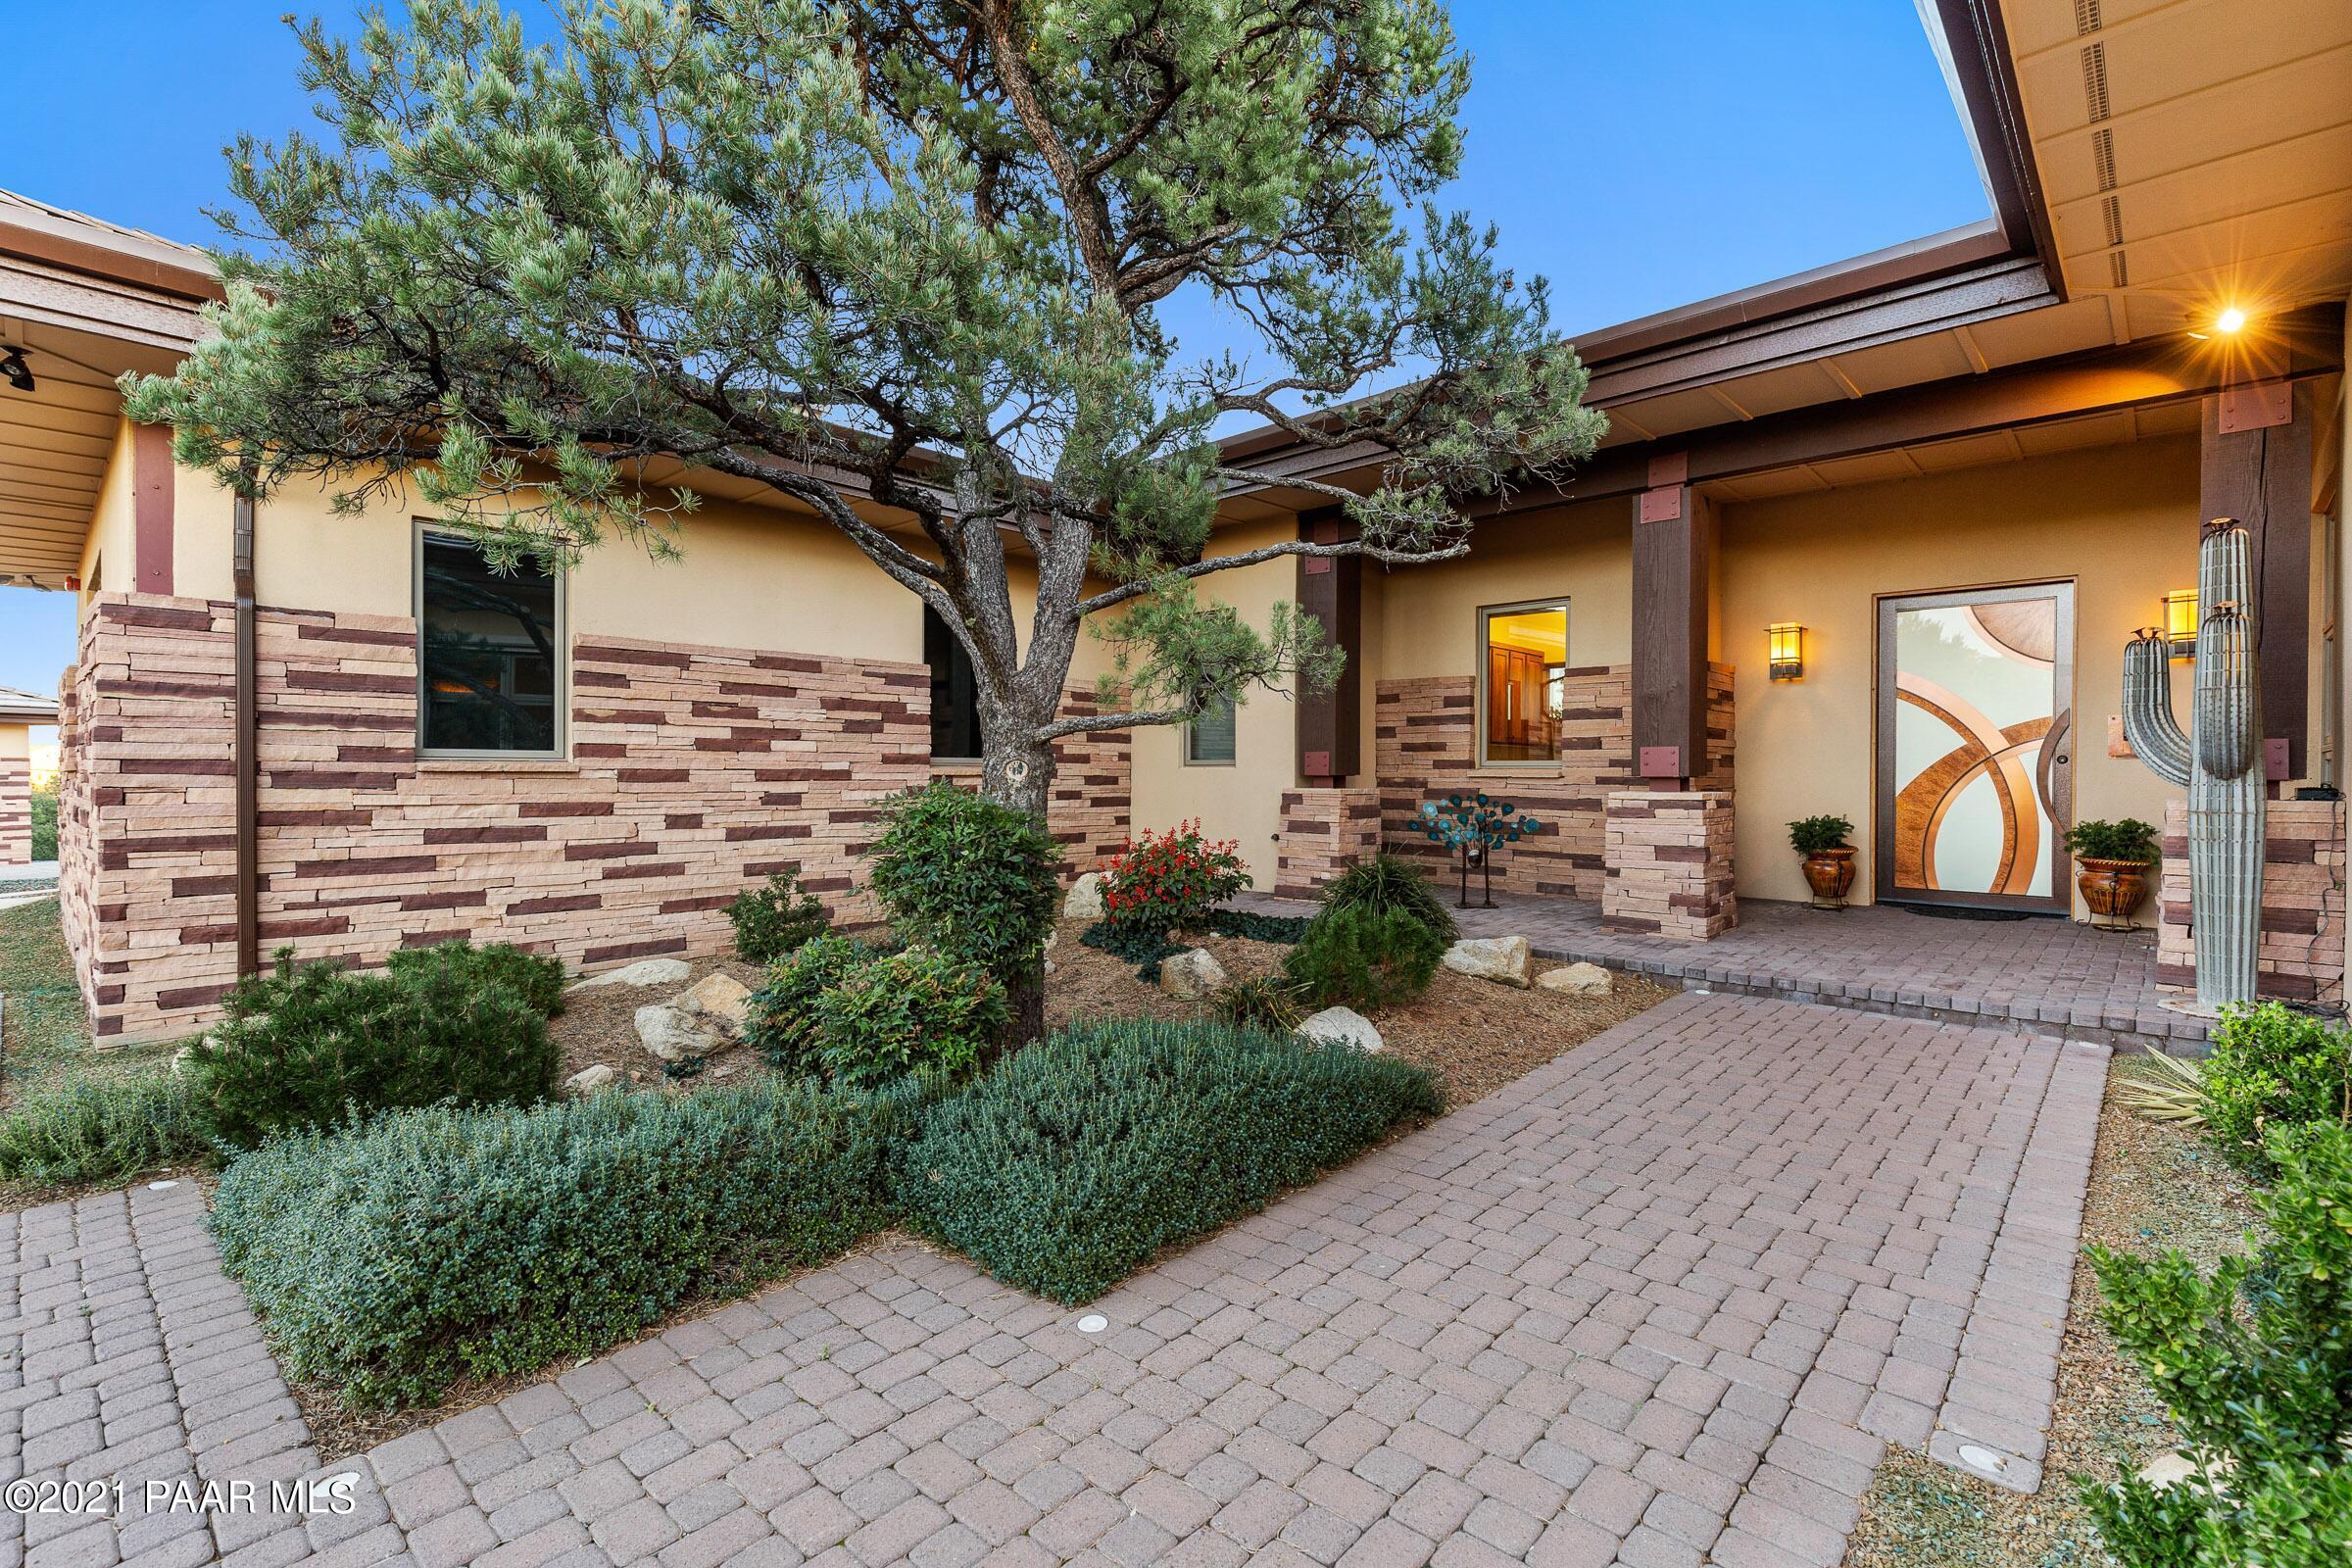 Photo of 6235 Almosta, Prescott, AZ 86305